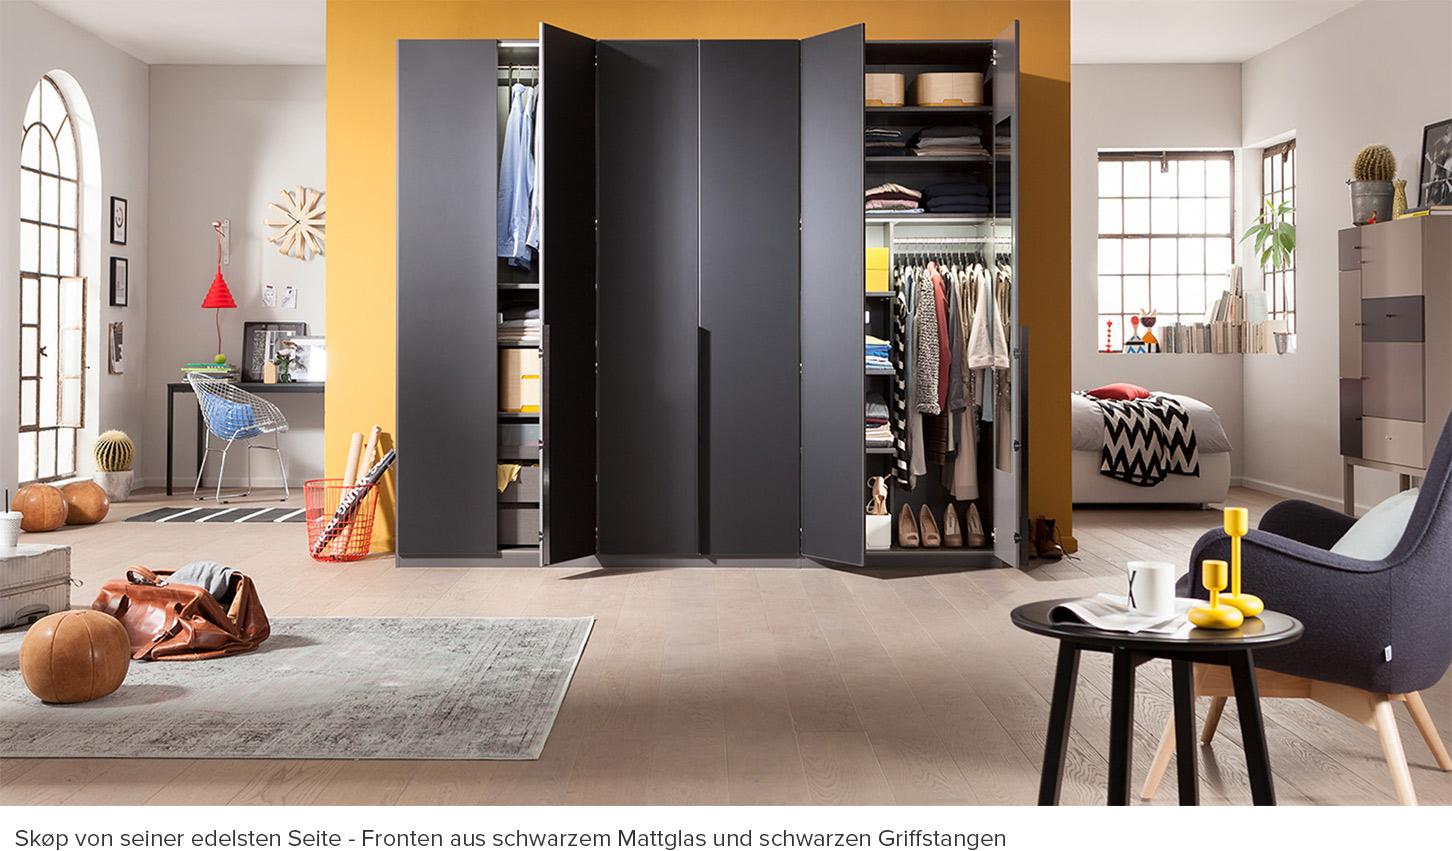 Beeindruckend Dein Schrank De Preise Galerie Von Esszimmermöbel Neutural Bei Home24